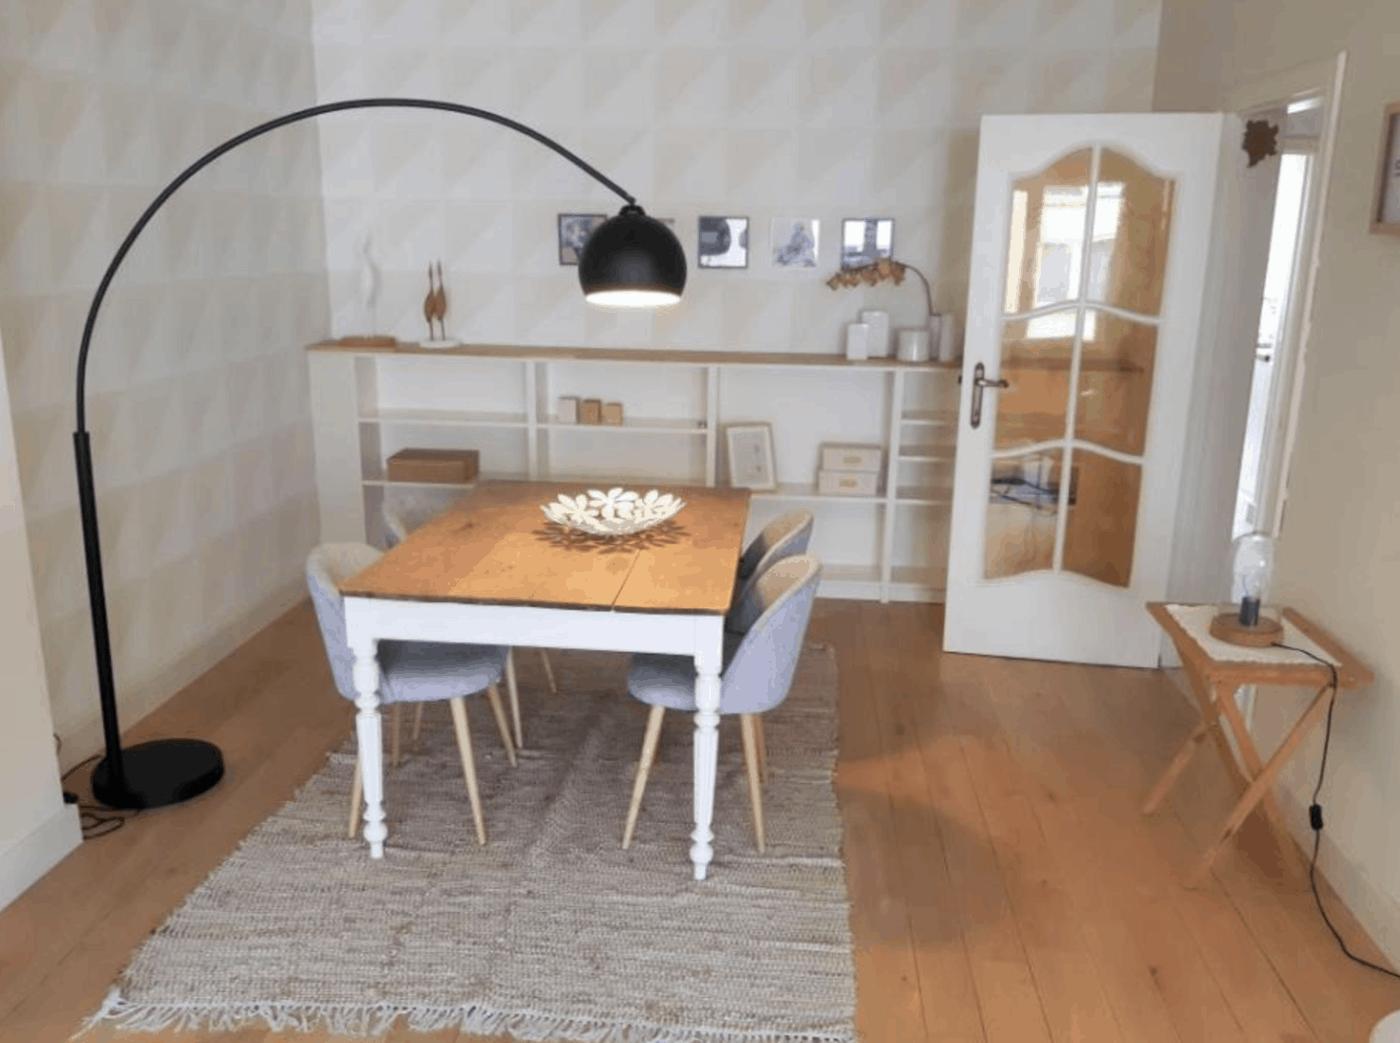 Mastvest 3 - Apartamento cerca de Expo para expats